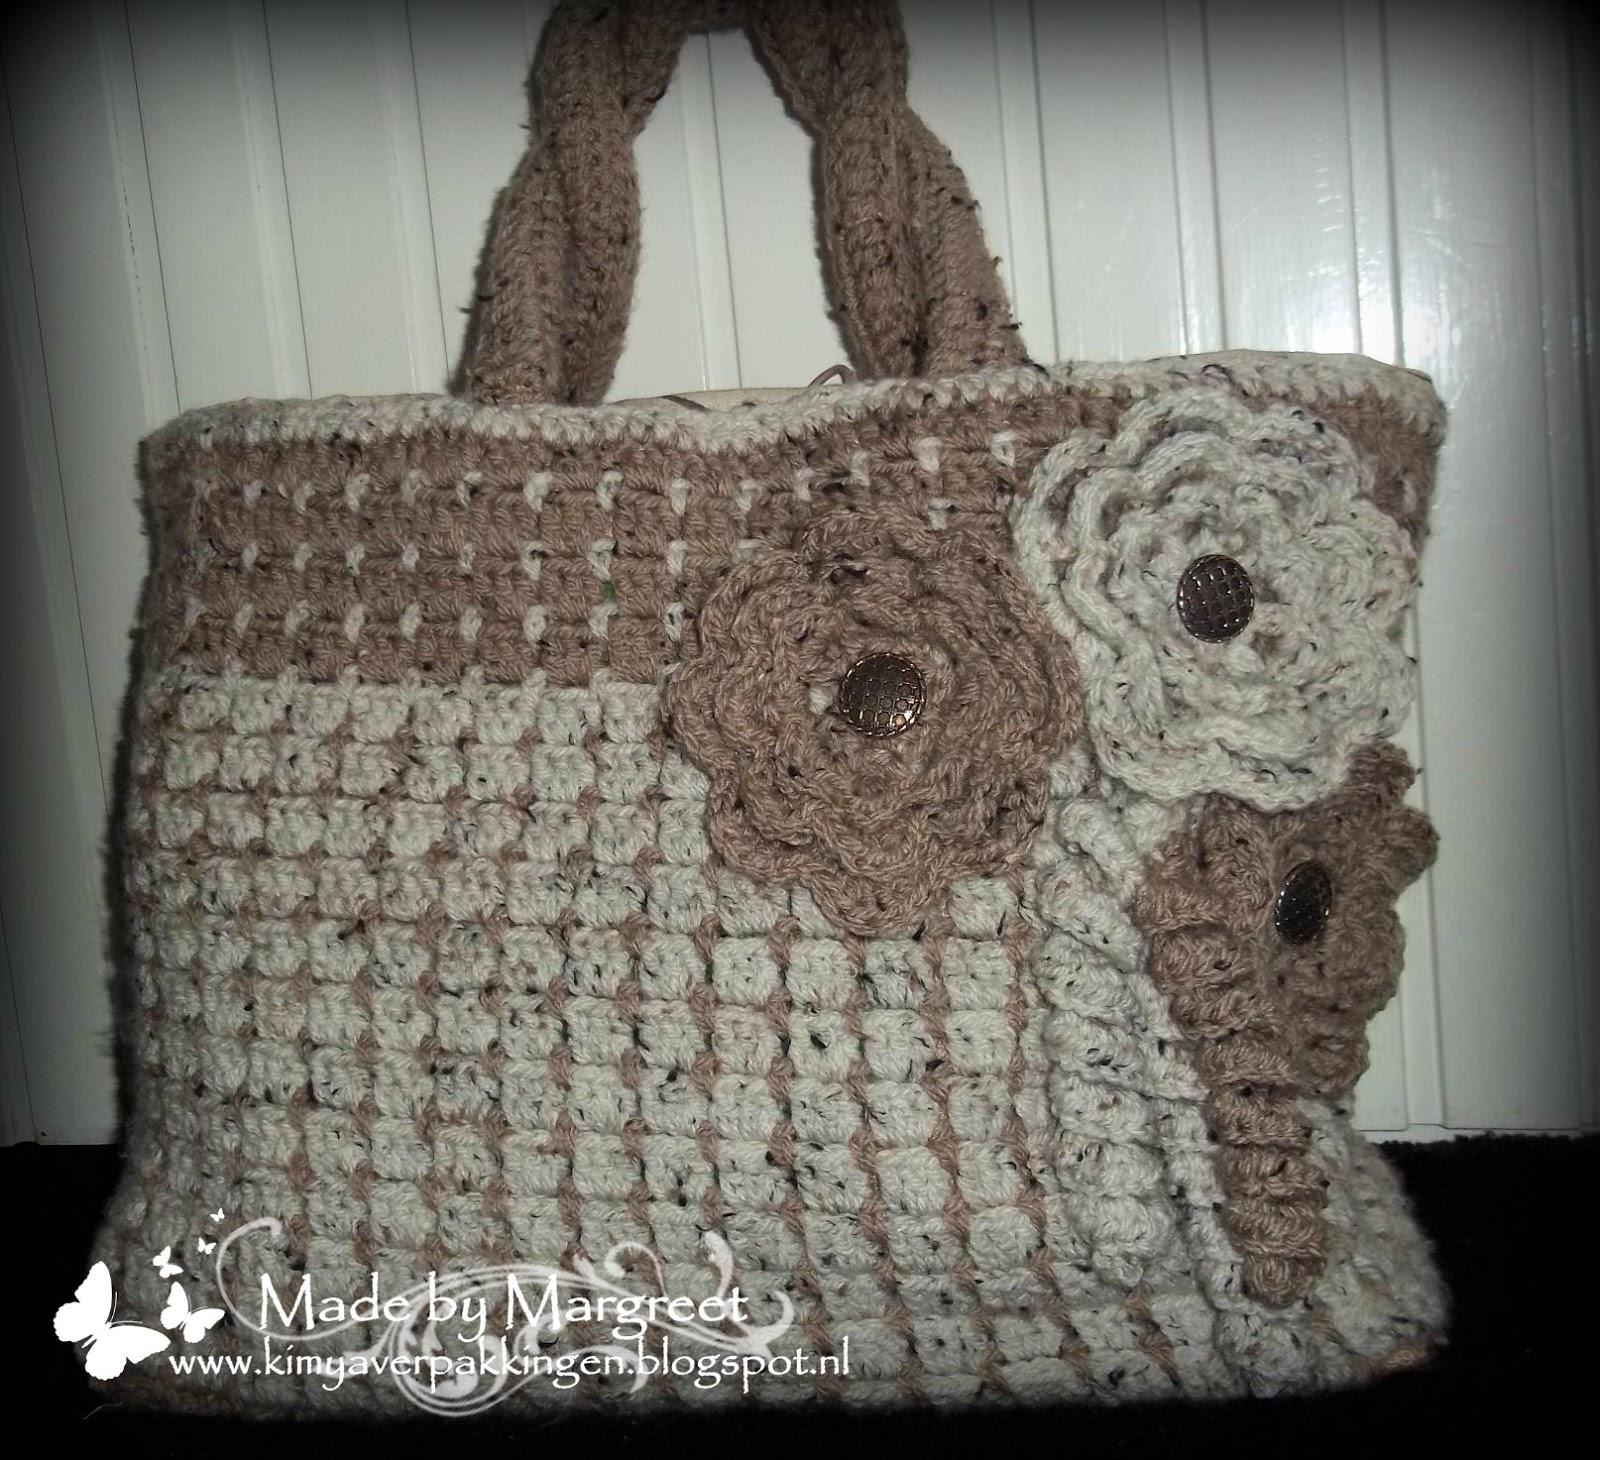 Zelf Tassen Ontwerpen : Kimya verpakkingen gehaakte jute tas